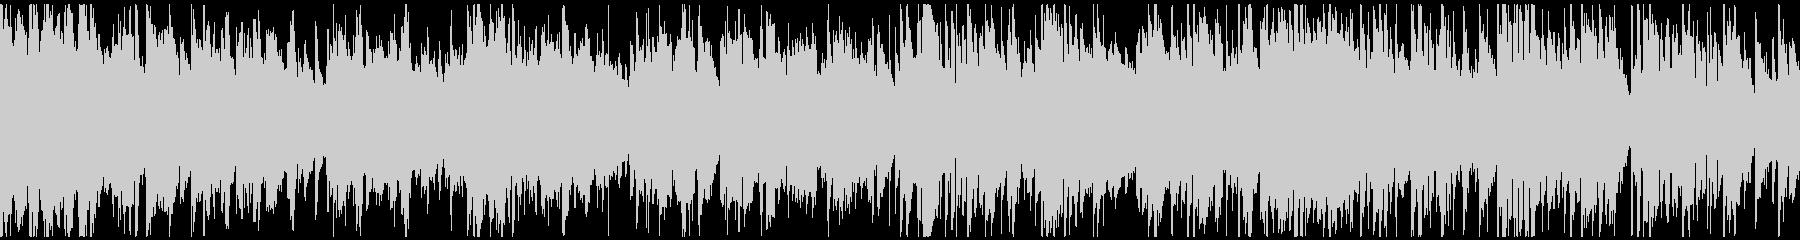 穏やかな低音メロディのボサノバ※ループ版の未再生の波形